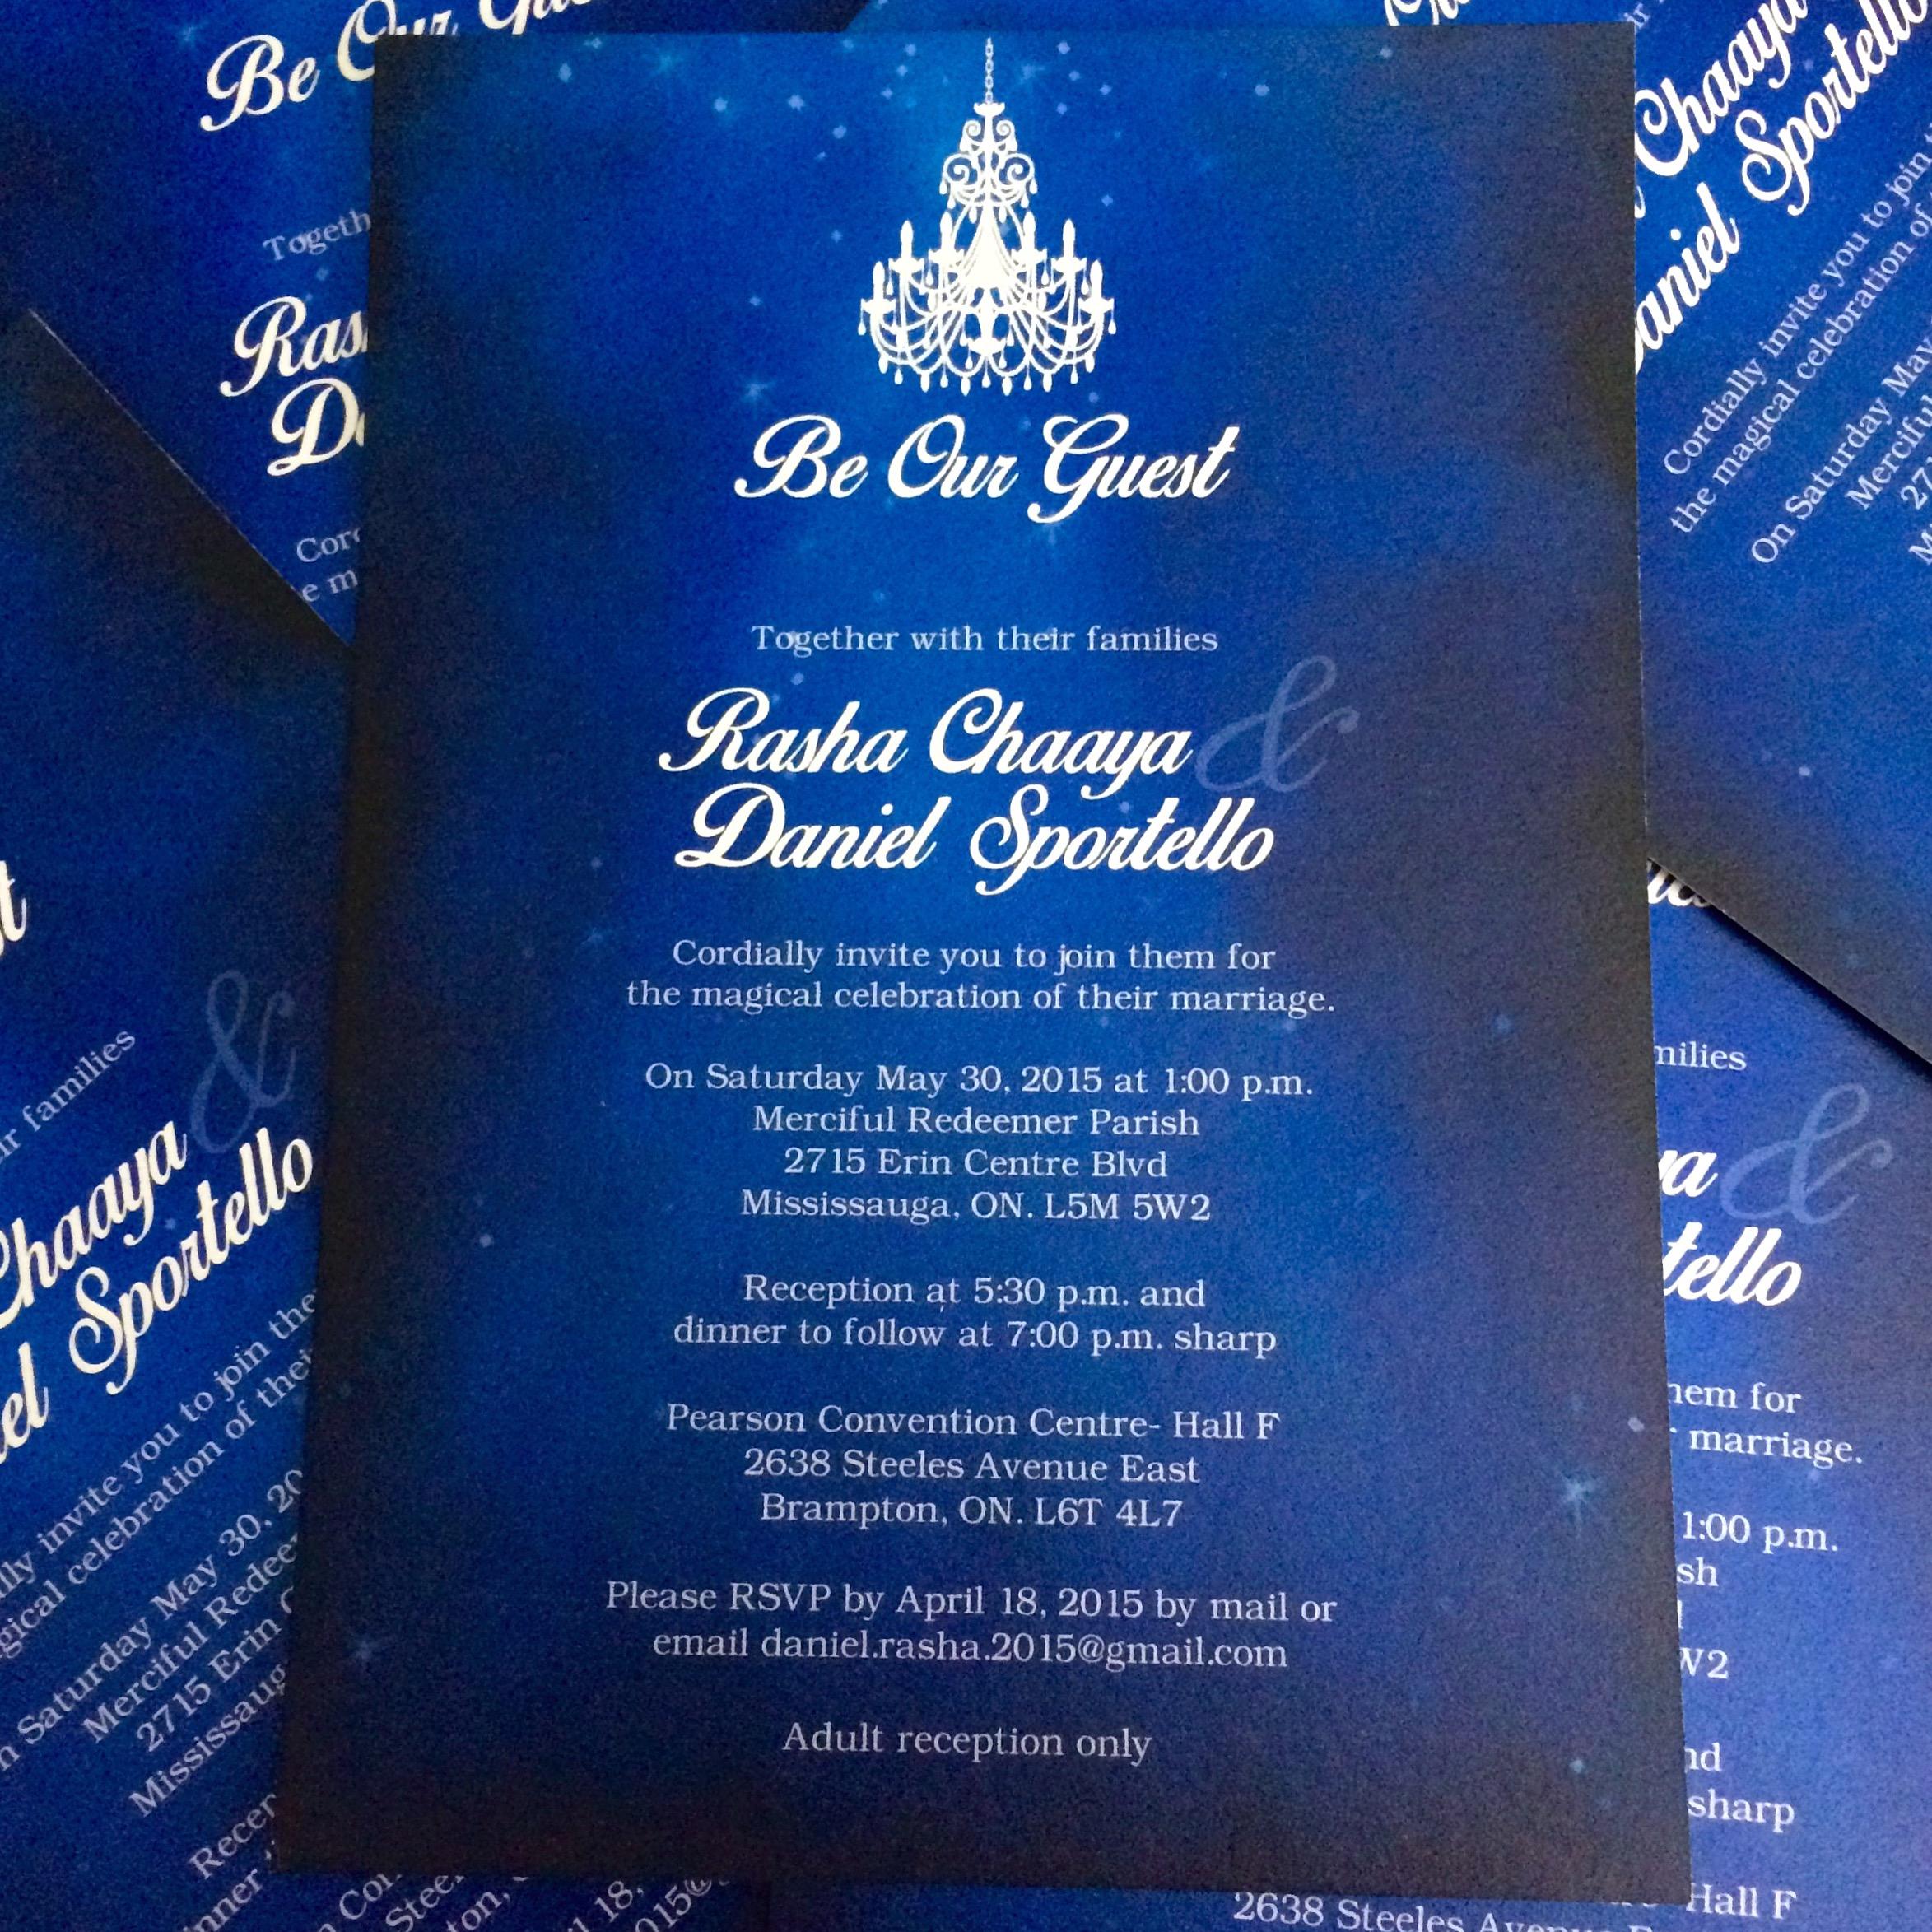 Rasha and David's Wedding Invitation